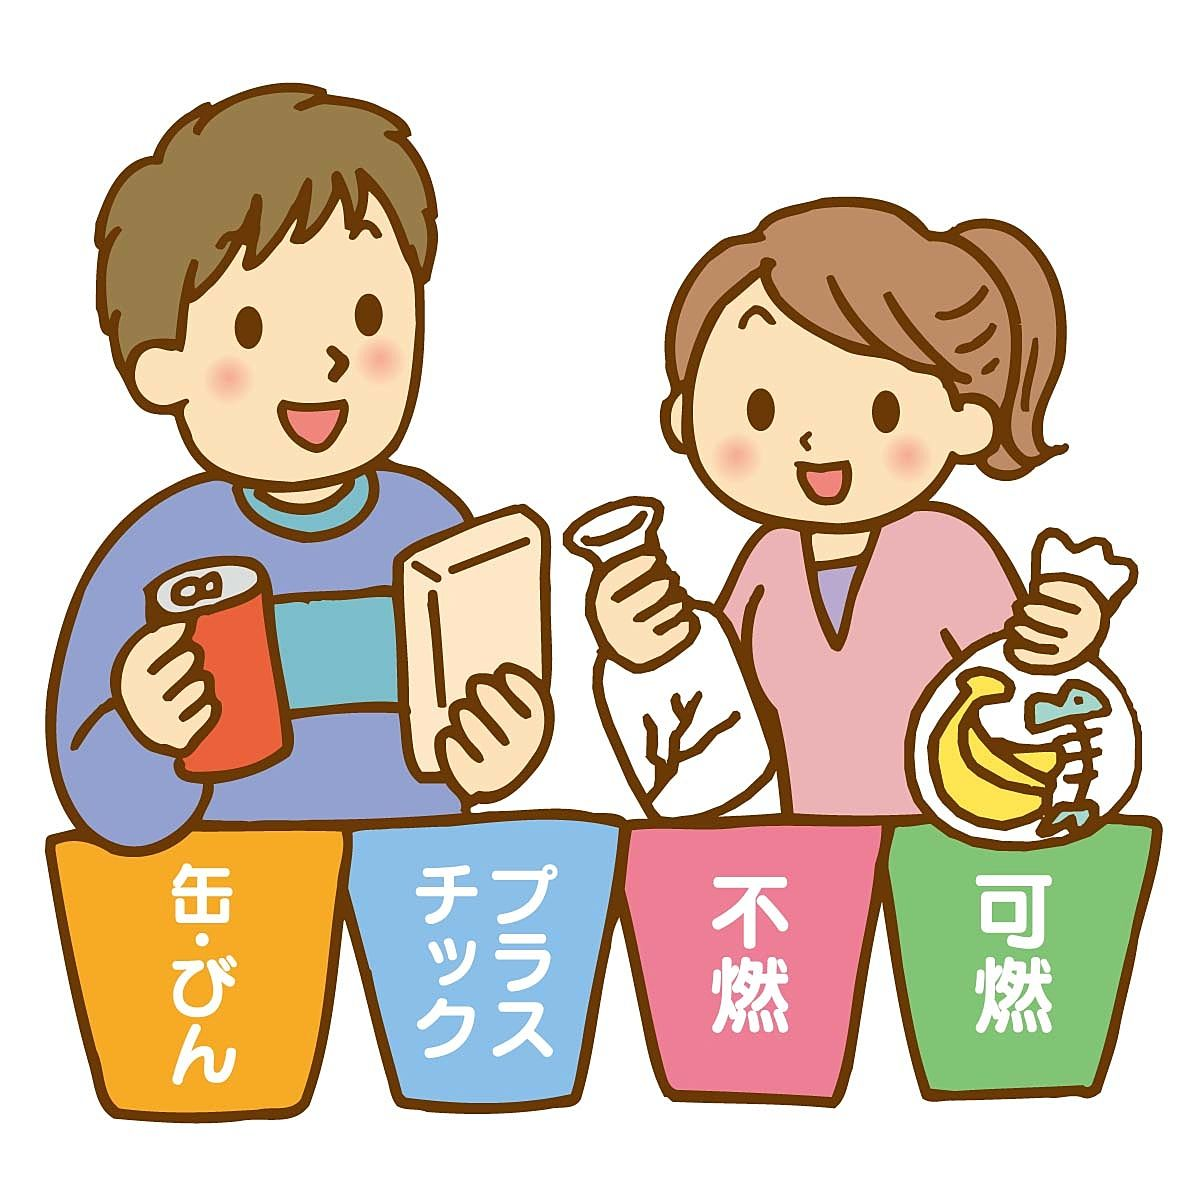 ゴミの分別方法は各自治体で確認をしましょう!